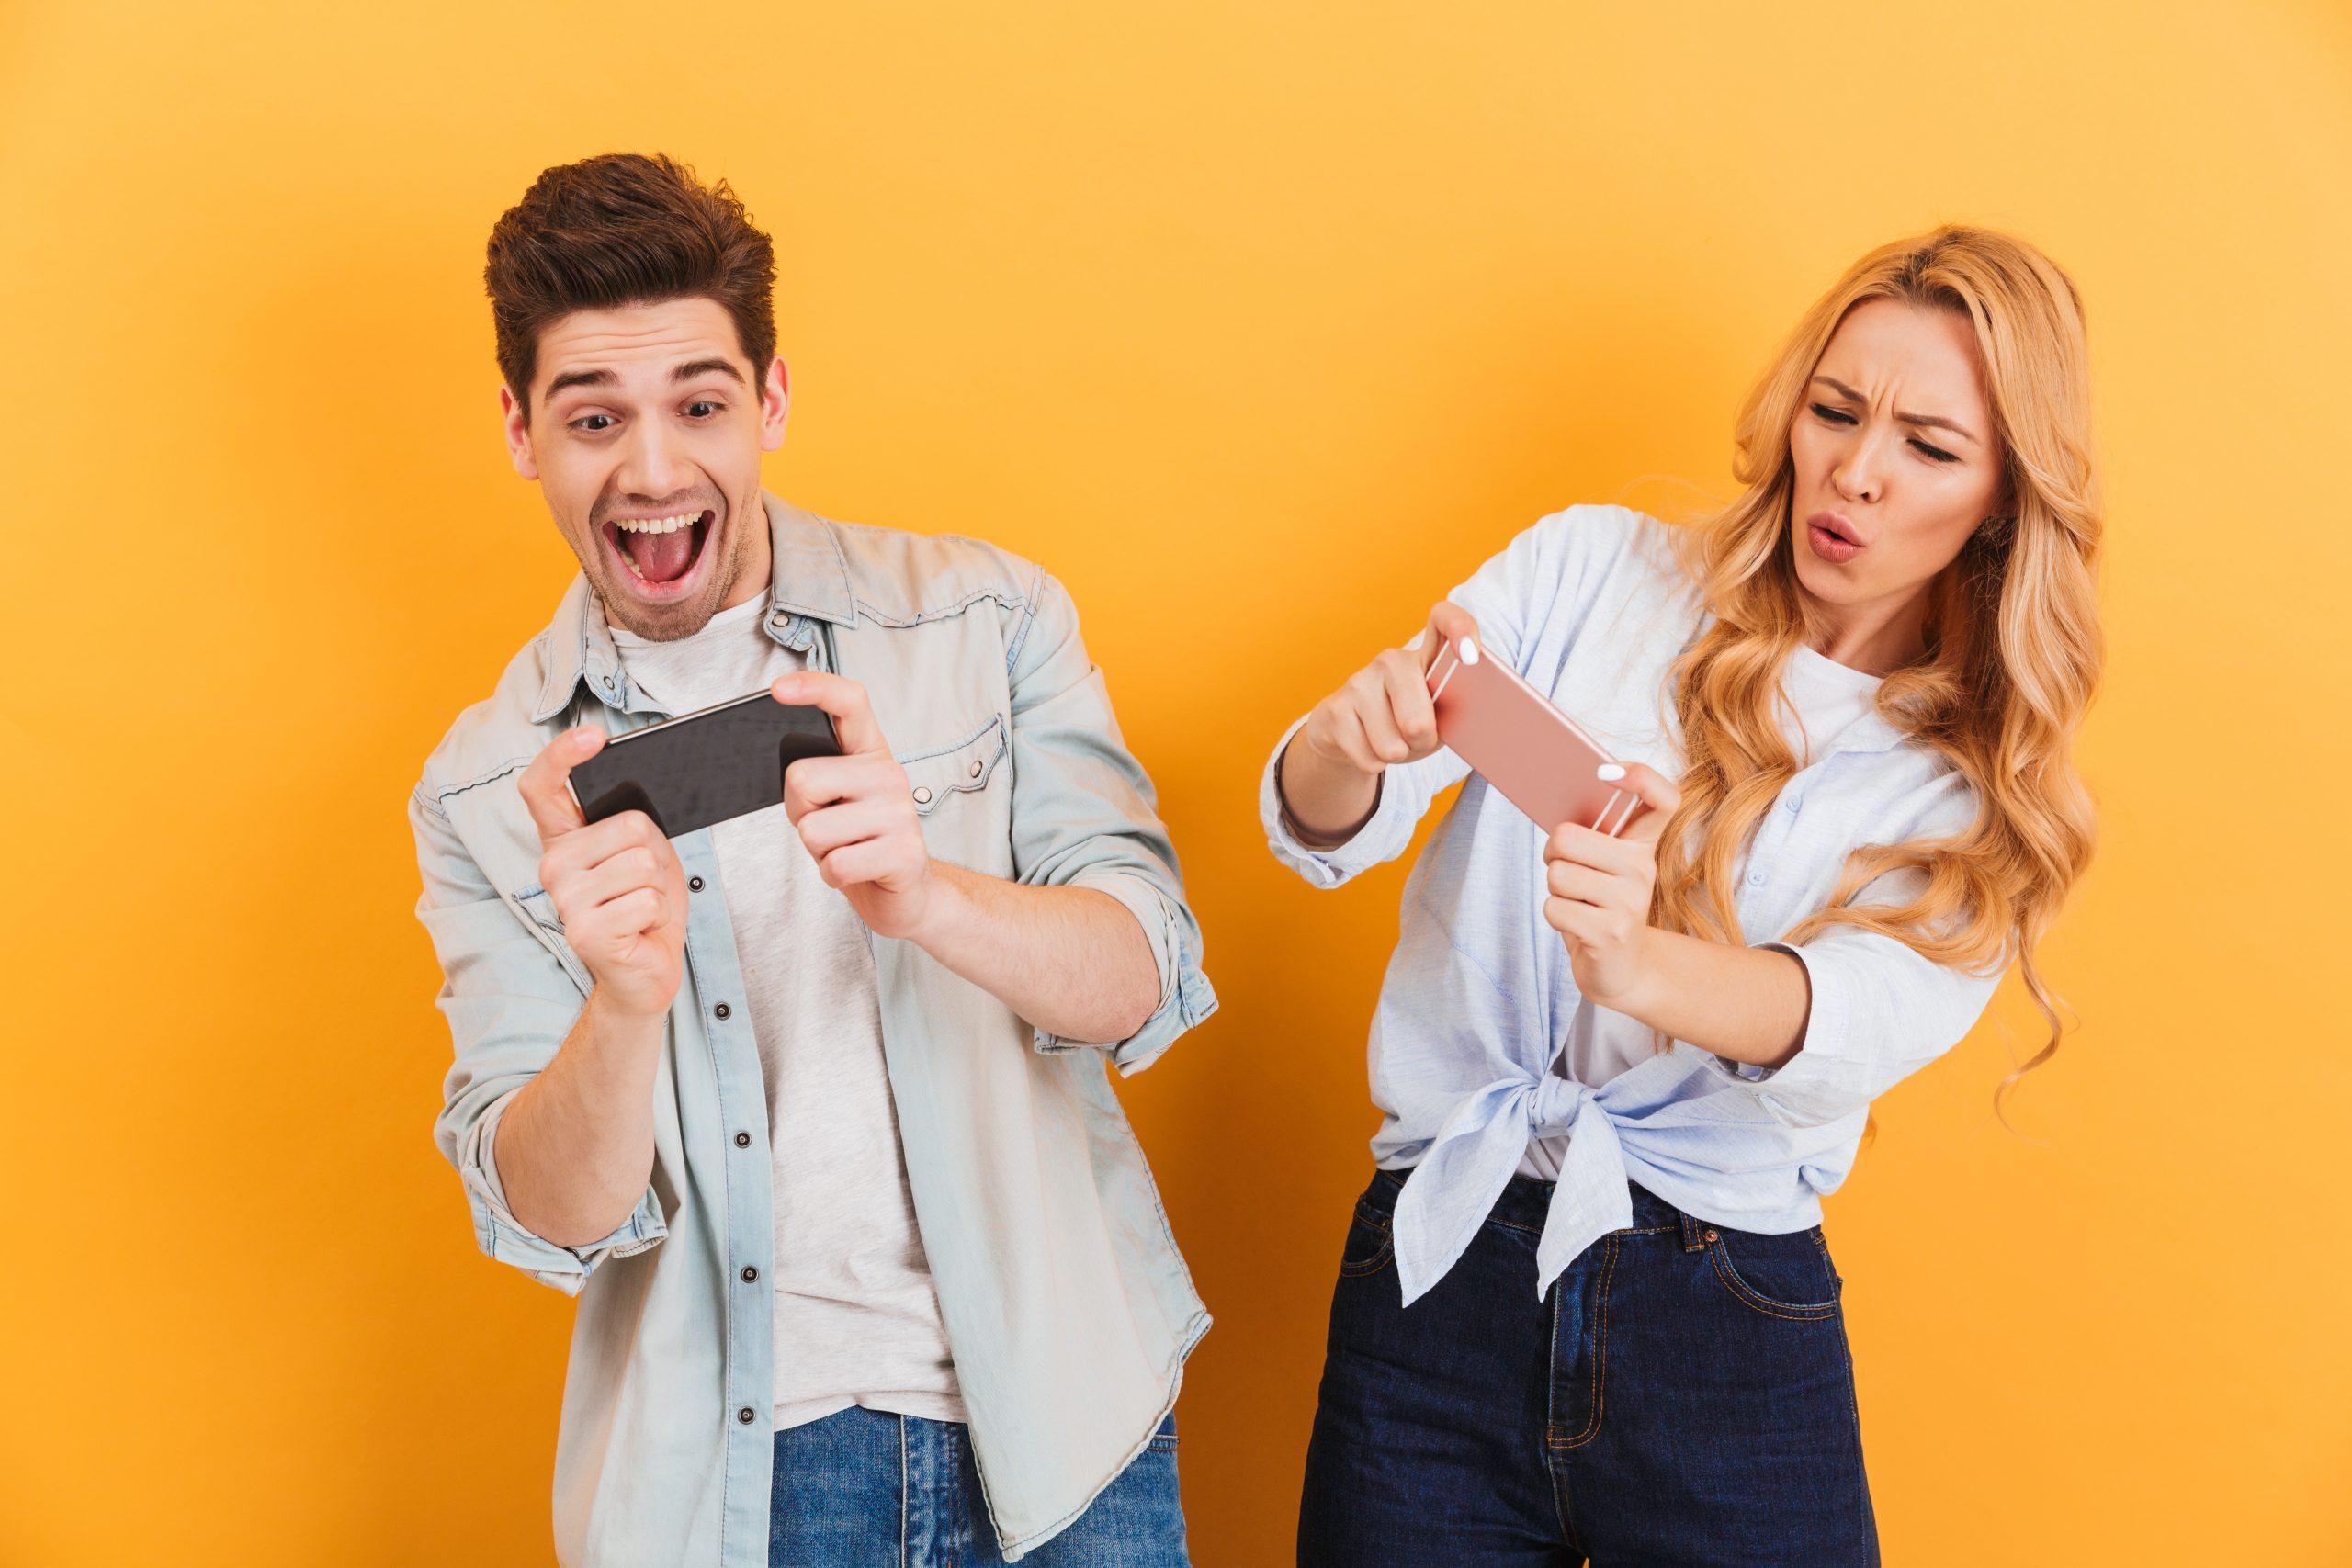 Videojogos móveis estão muito perto de dominar o mercado